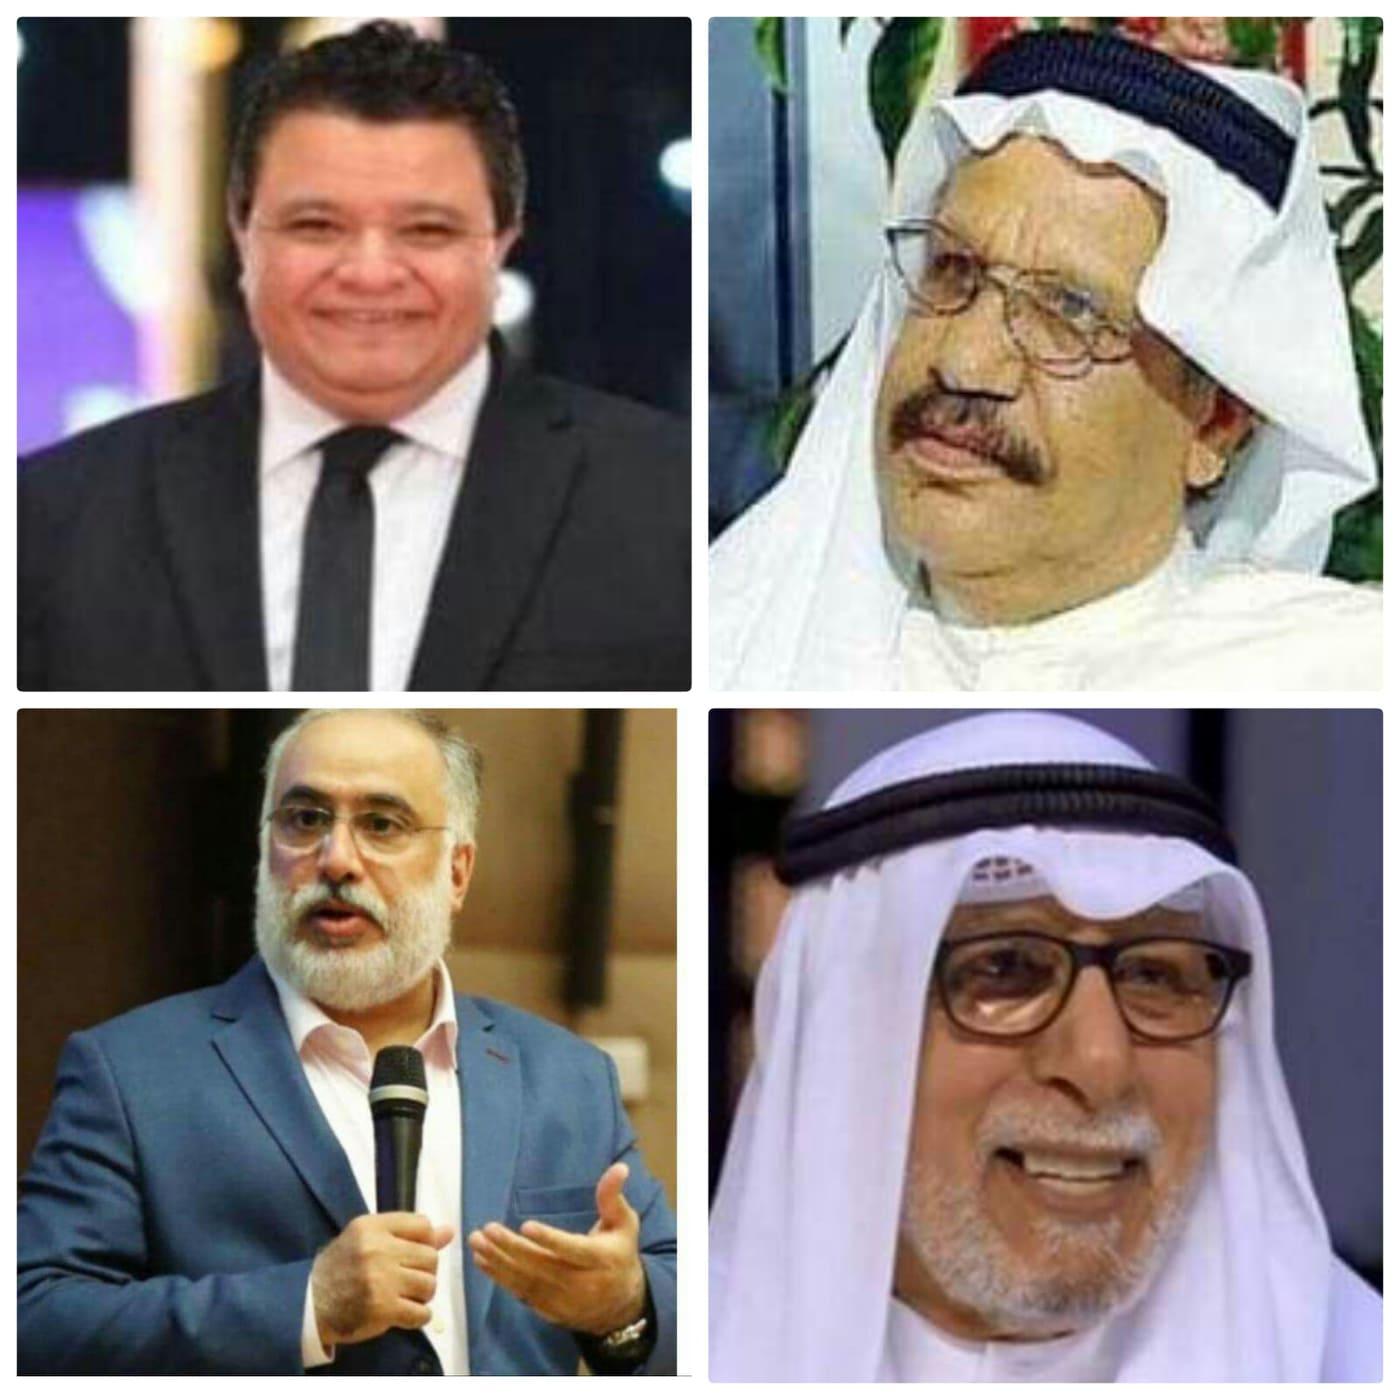 بالكويت: الدورة 13 لمهرجان أيام المسرح للشباب تعلن عن أسماء العروض المسرحية المشاركة